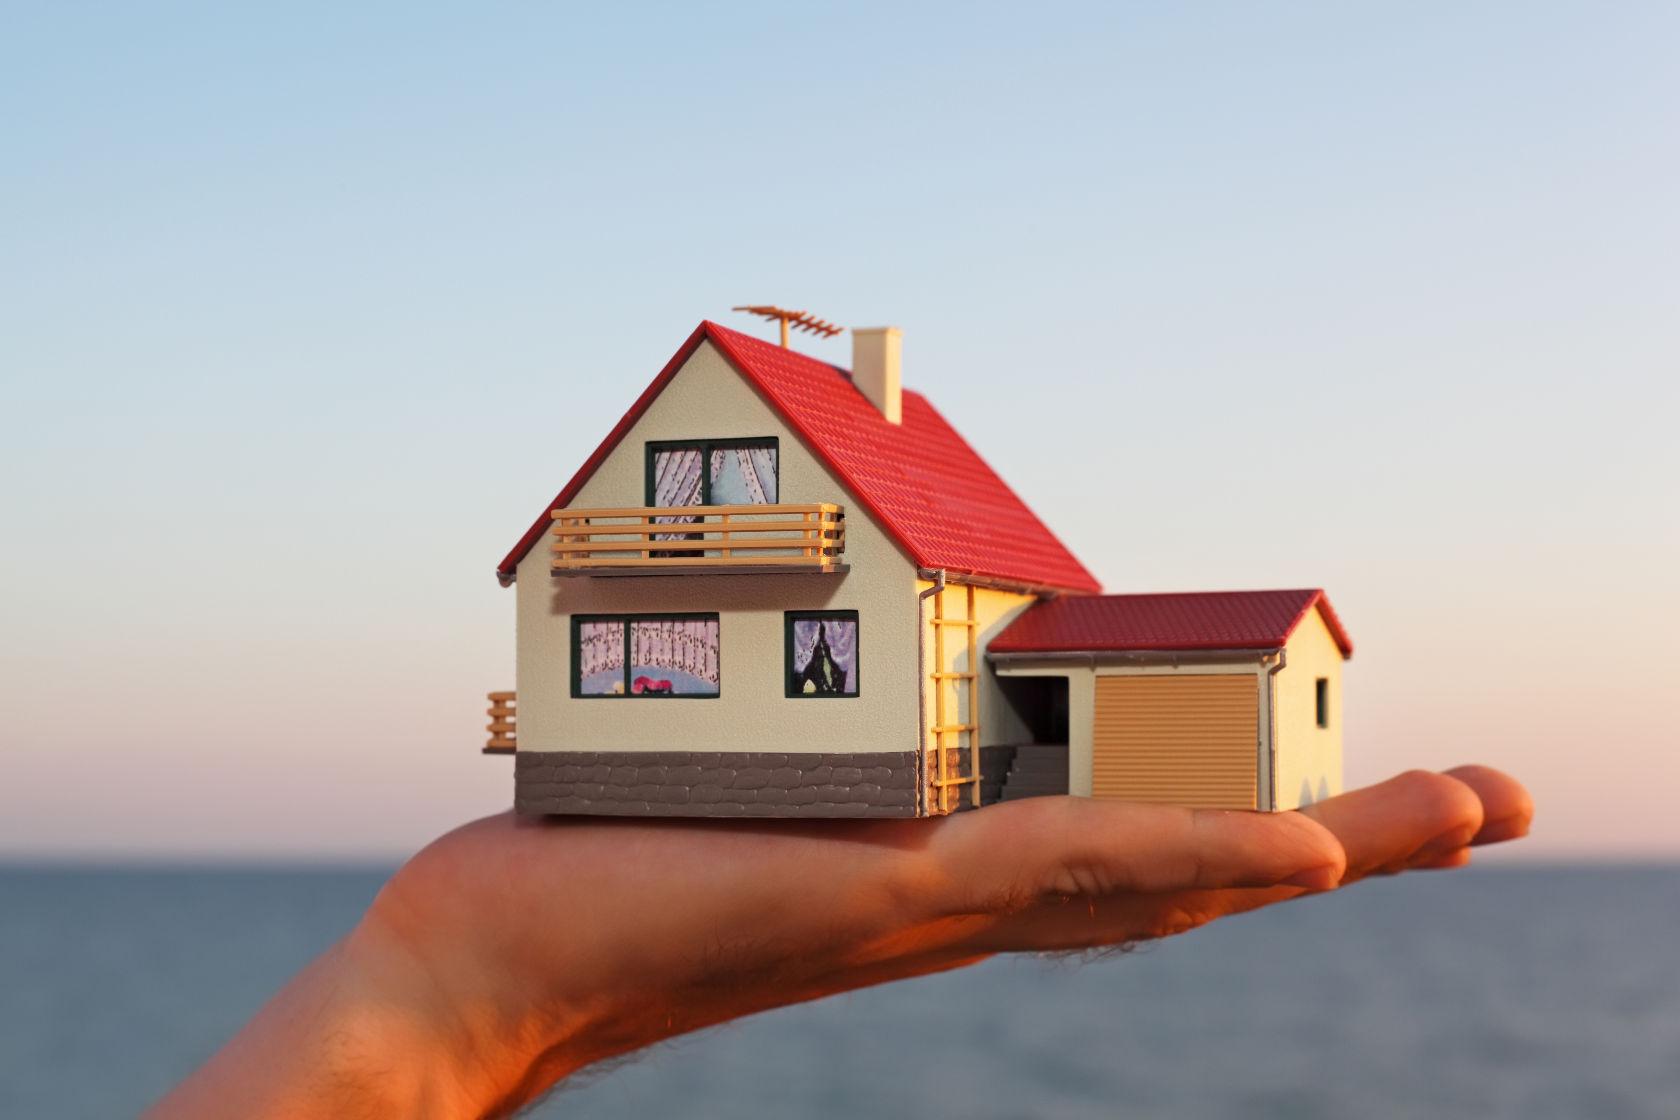 Anule ya la cláusula suelo de su hipoteca y reclame todos los intereses abonados en exceso desde el inicio de su hipoteca